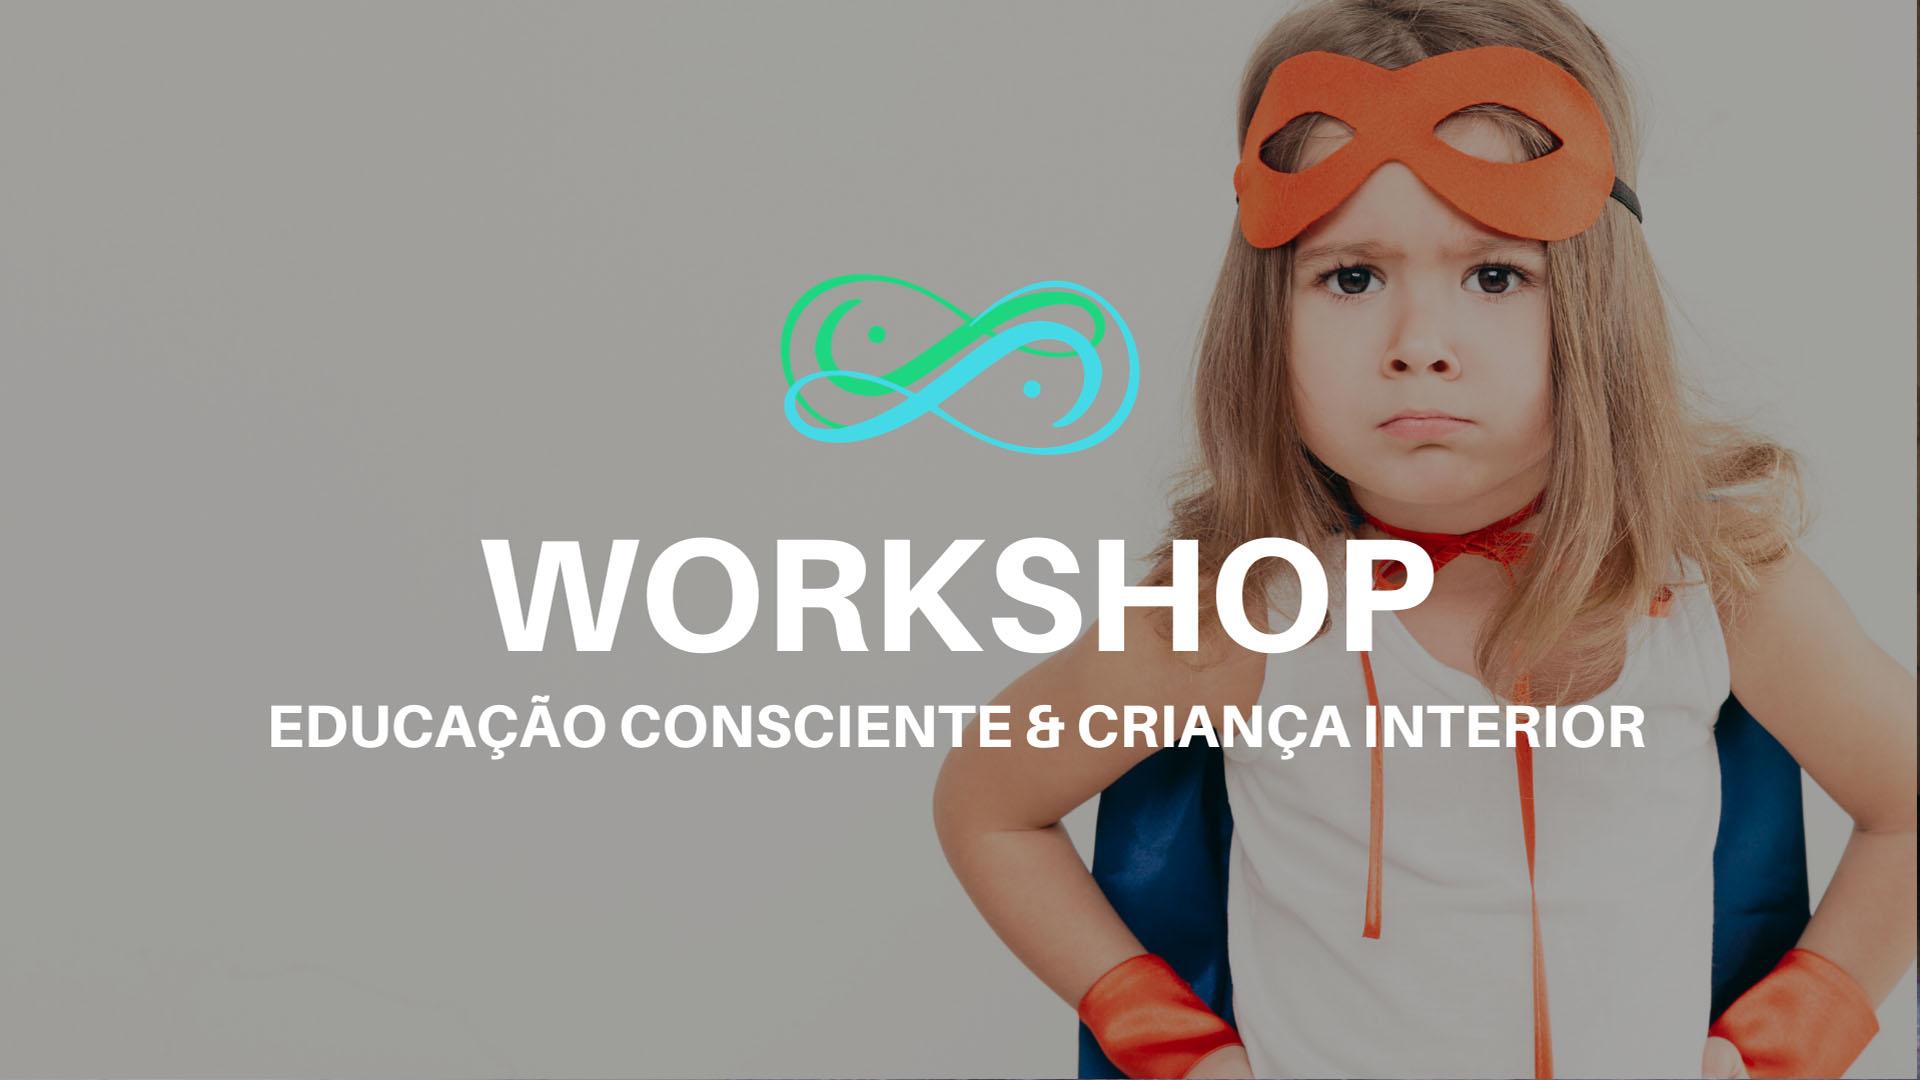 Workshop Educação consciente & Criança Interior